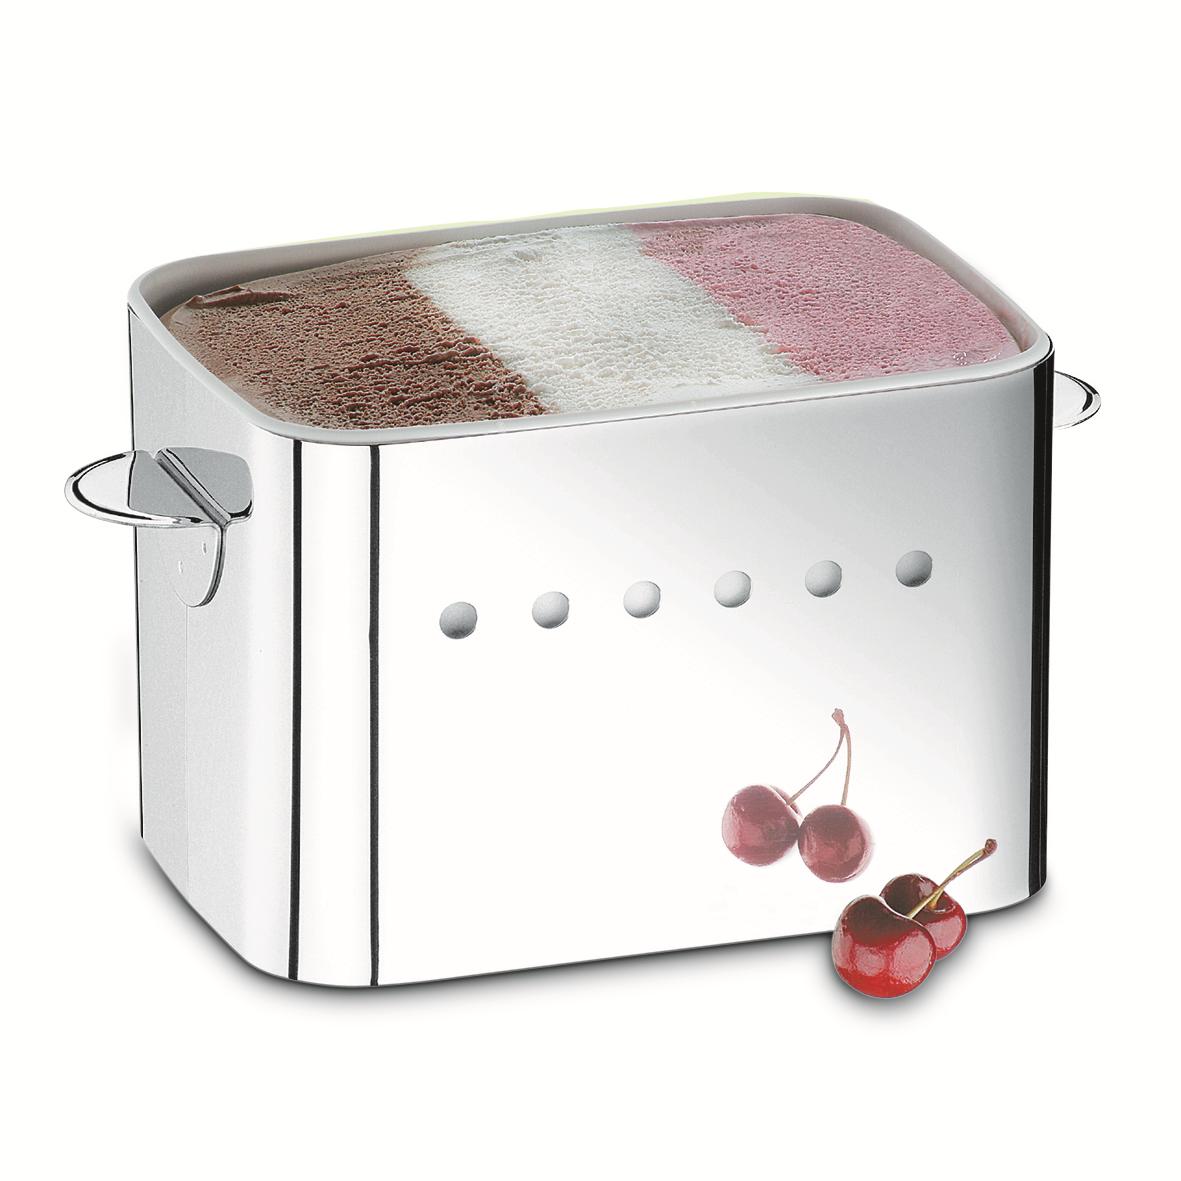 Suporte sorvete inox para pote 20L 1568100 Linha Parma - BRINOX